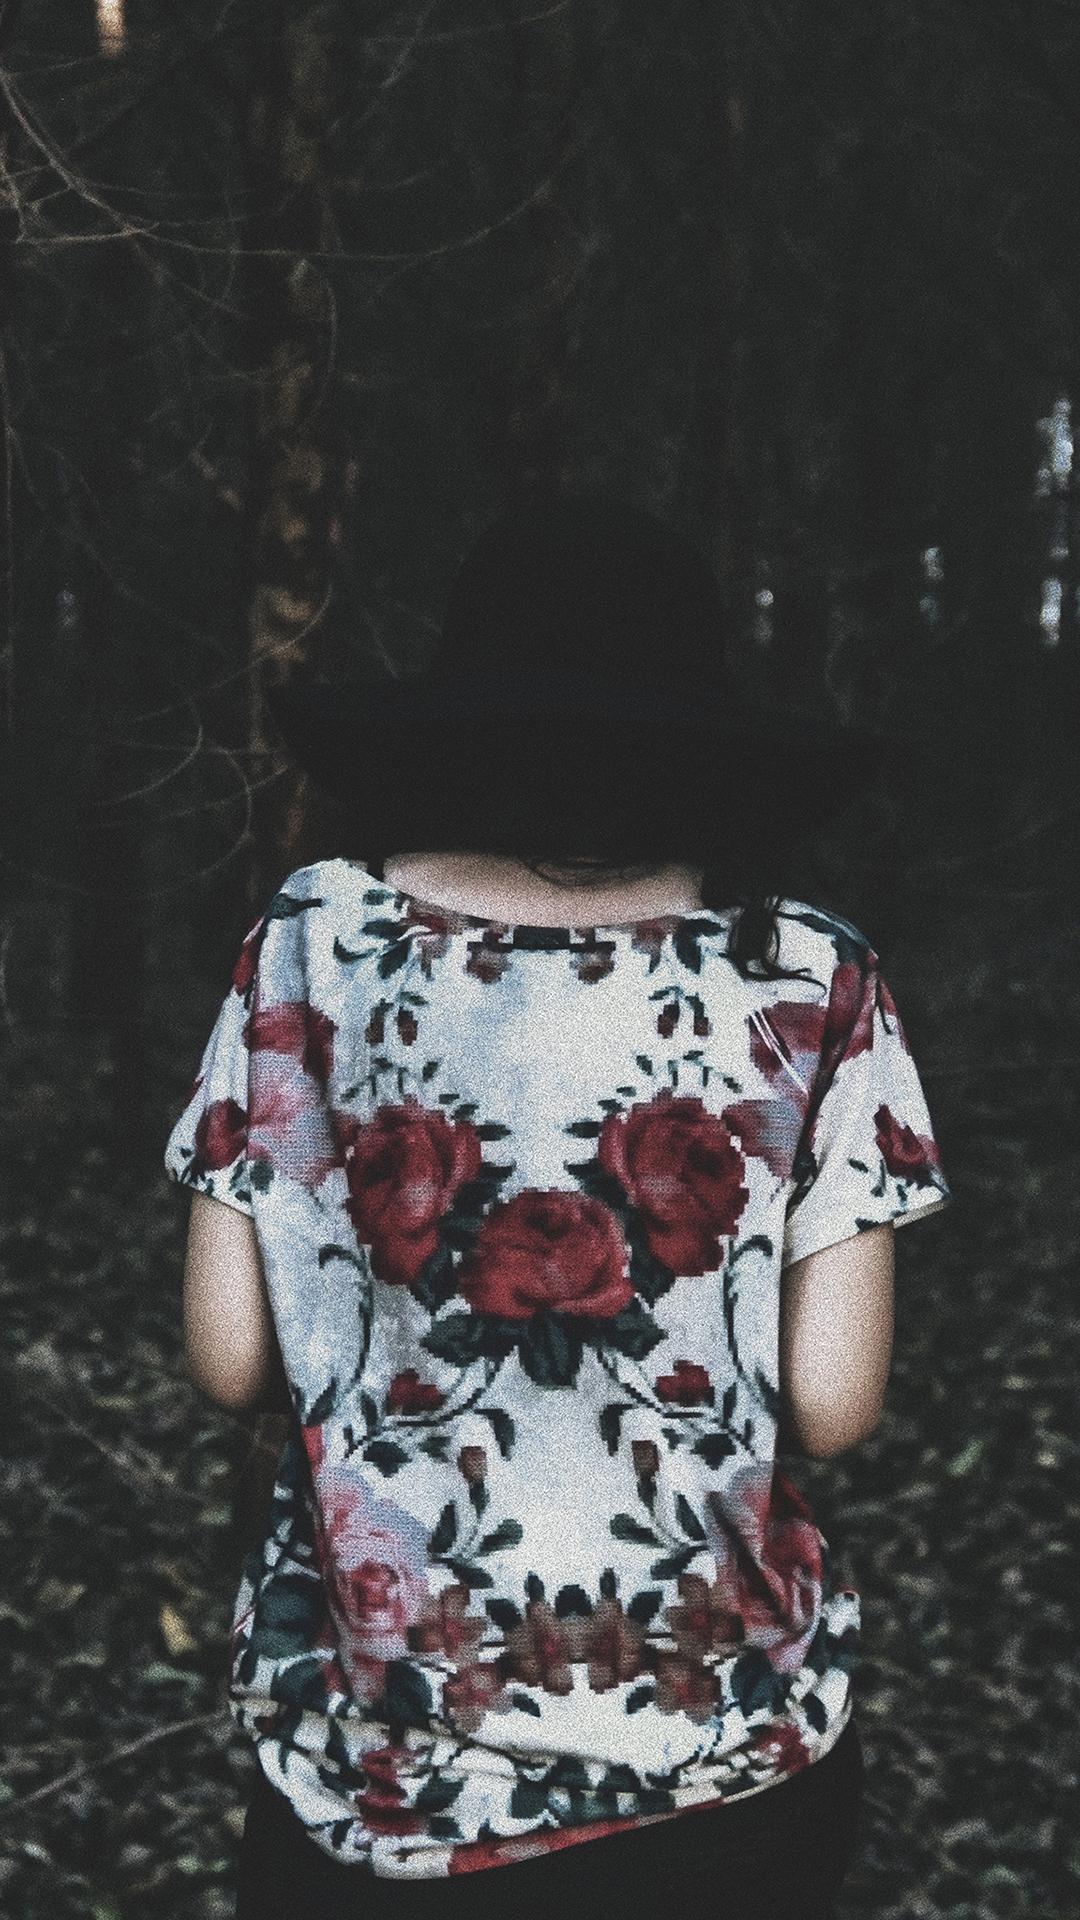 森系拍摄 碎花衬衣美女背影 苹果手机高清壁纸 1080x